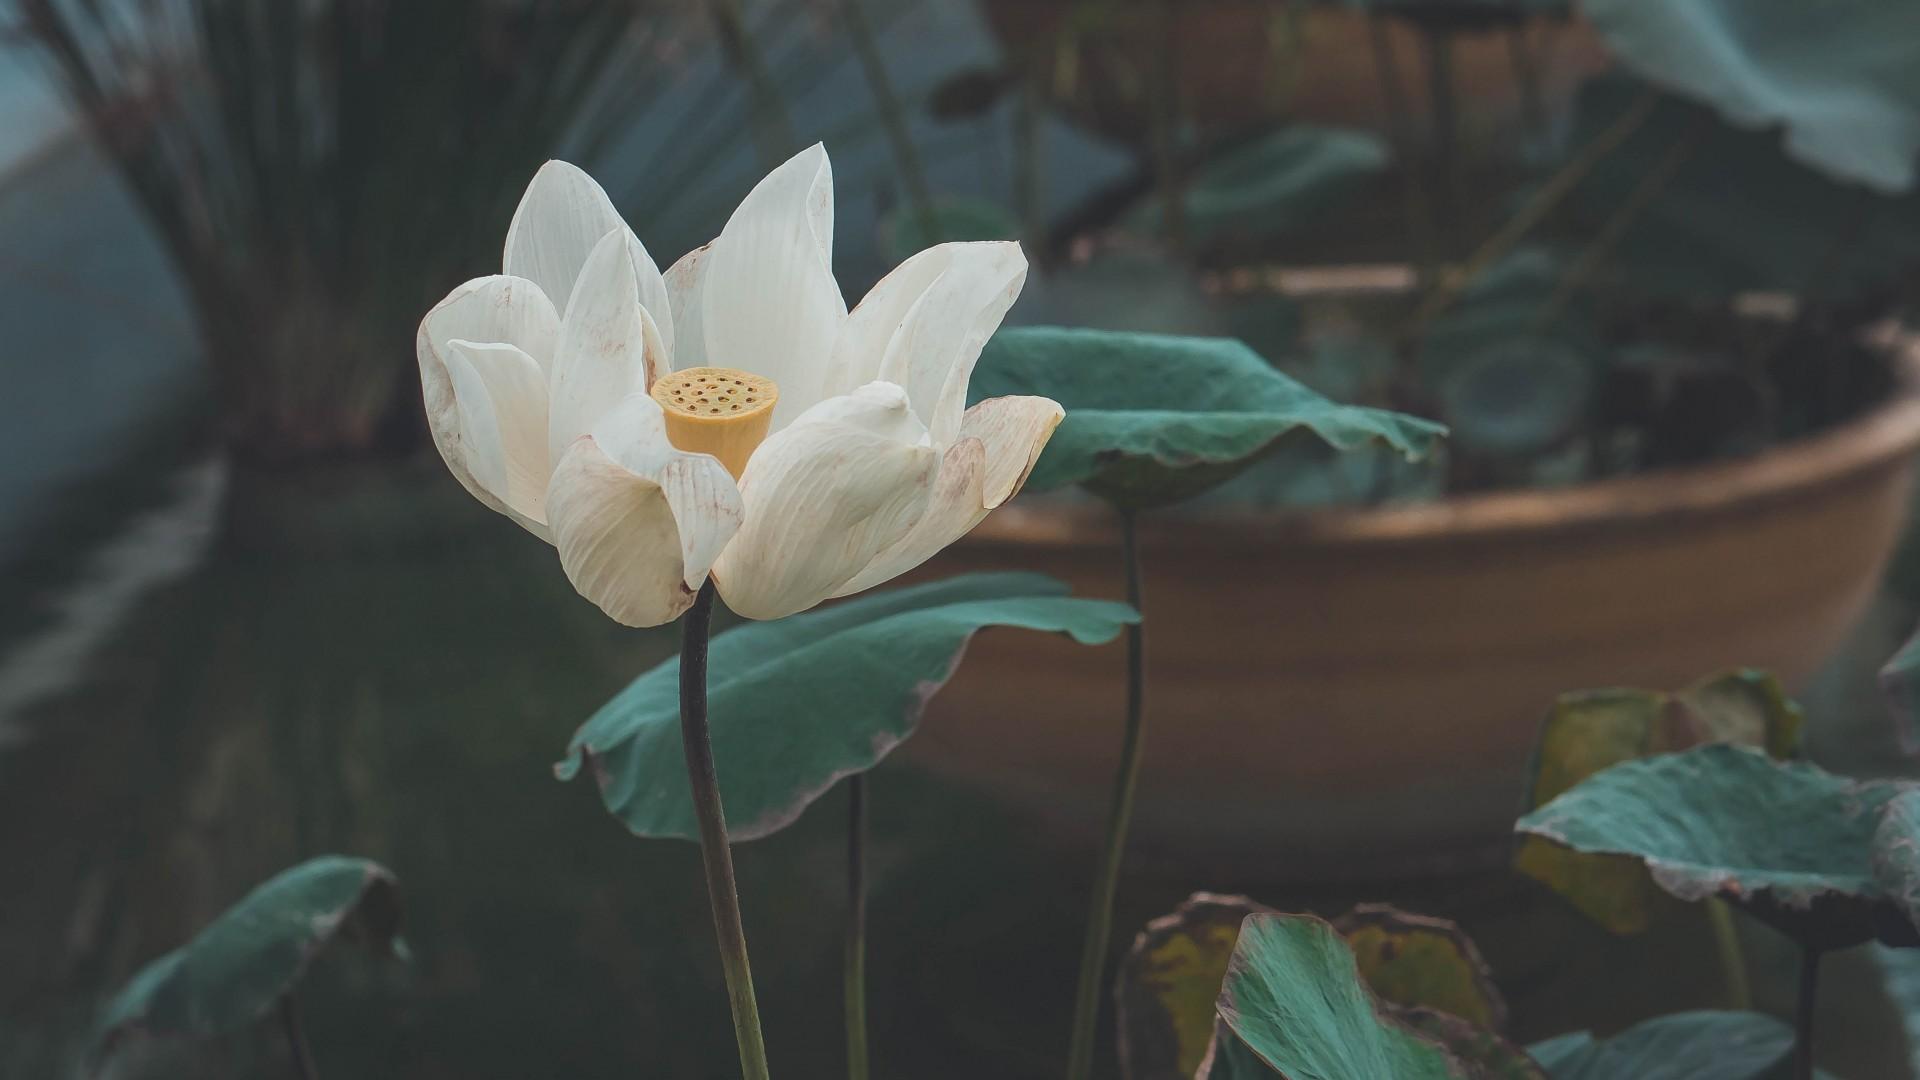 Ảnh đẹp bông hoa sen trắng